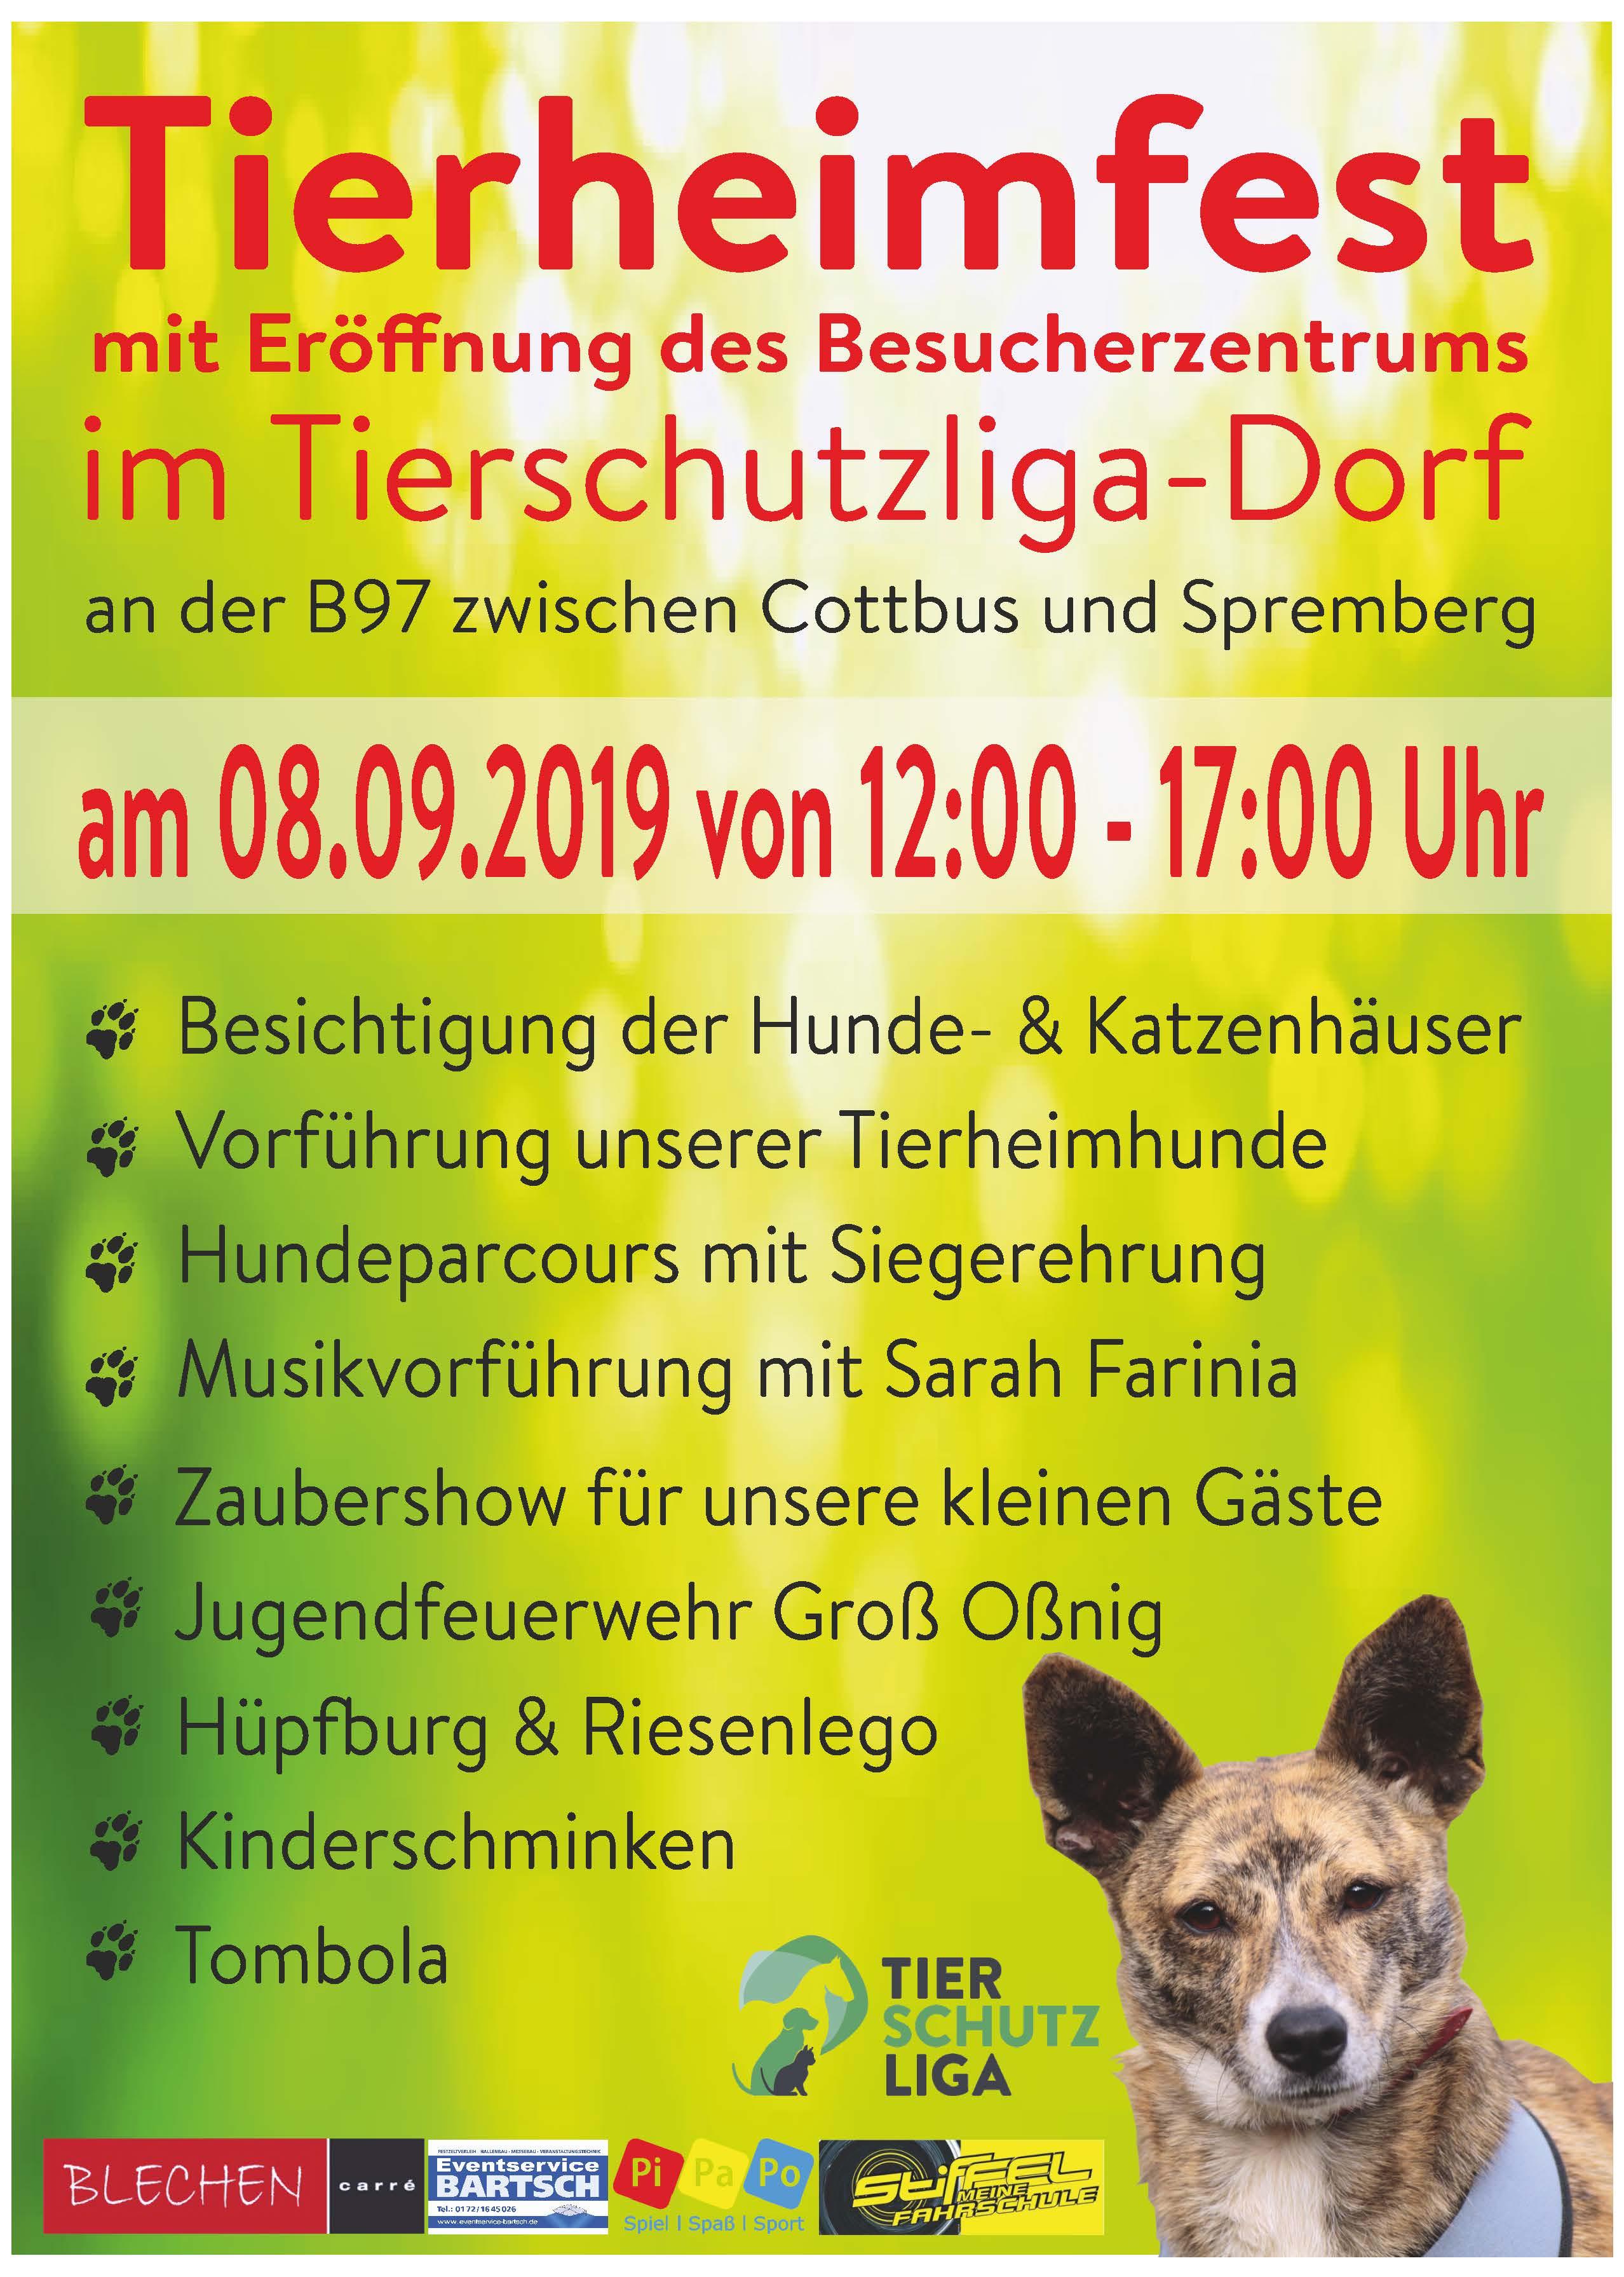 Plakat_2019_A4 Großes Tierheimfest-mit Eröffnung des Besucherzentrums